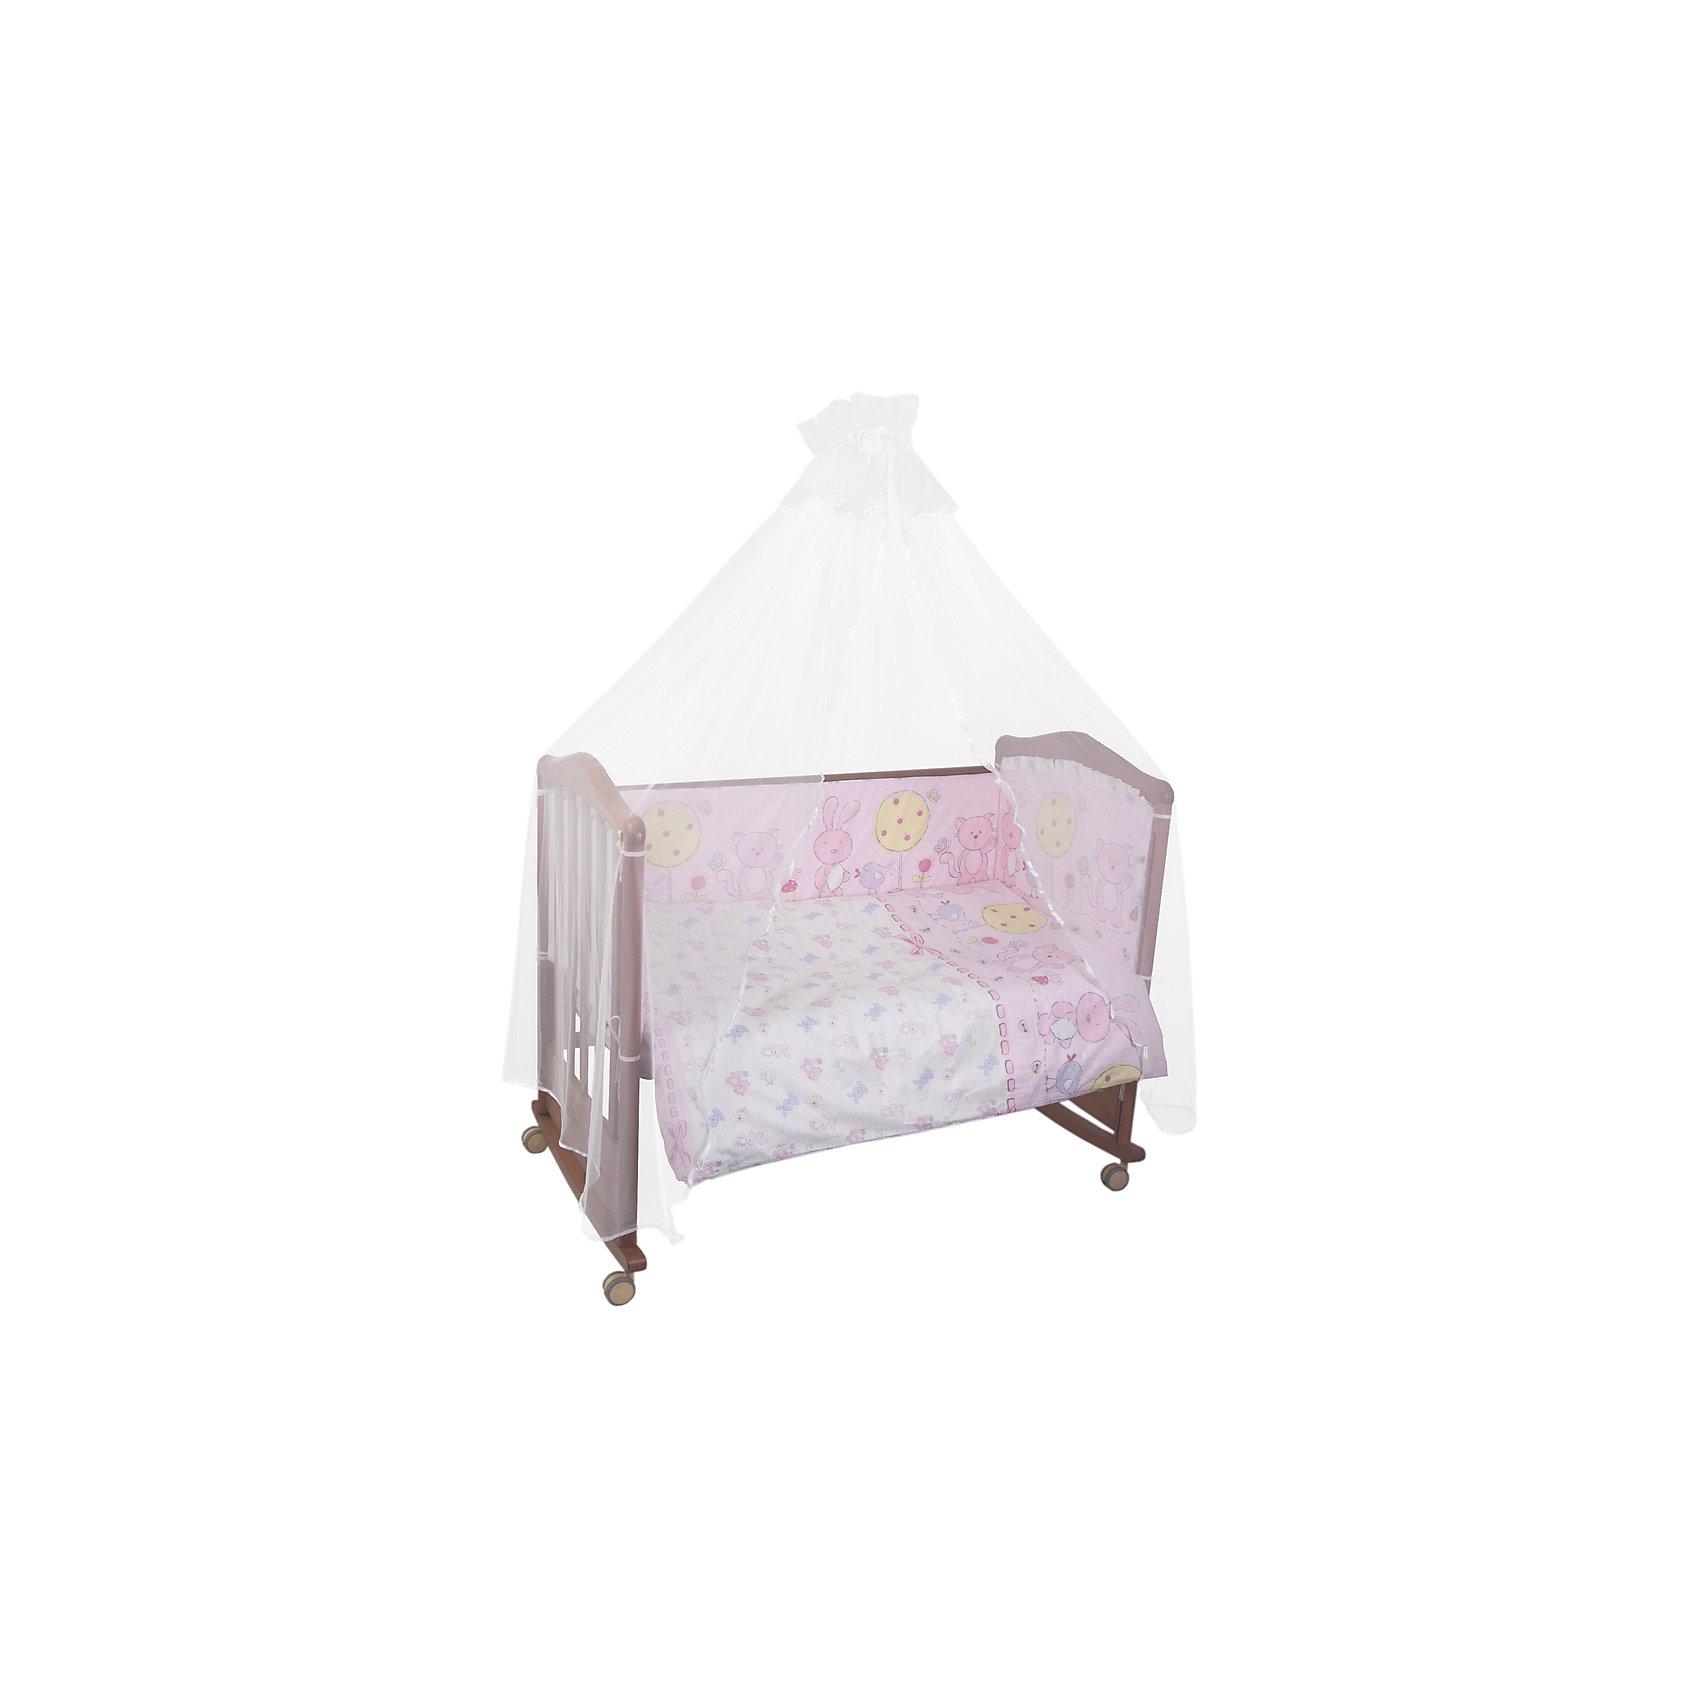 Постельное белье Акварель 7 пред, Сонный гномик, розовыйПостельное белье Акварель 7 предм., Сонный гномик, розовый состоит из постельных принадлежностей, необходимых для детской кроватки: одеяло, подушка, простынь, пододеяльник, наволочка, бортики и балдахин. Комплект подходит для кроваток любого типа стандартного размера 120*60 см. Все изделия комплекта выполнены из бязи высокого качества, которая сохраняет длительное время цвет и форму даже при частых стирках. Кроме того, бязь является экологически безопасным материалом, что делает ее незаменимой для изготовления постельного белья для детей всех возрастов.  В одеяле и подушке в качестве наполнителя использован холлофайбер, который обладает высокой воздухопроницаемостью, водоотталкивающими и гипоаллергенными свойствами. Бортик для кроватки состоит из четырех частей, которые крепятся за счет завязок. Балдахин выполнен из тончайшей сетки. Комплект выполнен в нежном розовом цвете, украшен традиционным принтом детской тематики: медвежата, зайчата и птички.   <br>Постельное белье Акварель 7 предм., Сонный гномик, розовый обеспечит ребенку крепкий, здоровый и безопасный сон. <br><br>Дополнительная информация:<br><br>- Предназначение: для детской кроватки<br>- Комплектация: одеяло и пододеяльник (110*140 см), подушка и наволочка (40*60 см), простынь (100*140 см), бортики из четырех частей и балдахин (4 м)<br>- Материал: бязь<br>- Наполнитель: холлофайбер<br>- Пол: для девочки<br>- Цвет: розовый, желтый, сиреневый<br>- Размеры упаковки (Д*Ш*В): 64*20*50 см<br>- Вес: 3 кг 400 г<br>- Особенности ухода: разрешается стирка при температуре не более 40 градусов<br><br>Подробнее:<br><br>• Для детей в возрасте от 0 месяцев и до 4 лет<br>• Страна производитель: Россия<br>• Торговый бренд: Leader kids<br><br>Постельное белье Акварель 7 предм., Сонный гномик, розовый можно купить в нашем интернет-магазине.<br><br>Ширина мм: 650<br>Глубина мм: 200<br>Высота мм: 500<br>Вес г: 3400<br>Возраст от месяцев: 0<br>Возраст до месяцев: 48<br>П